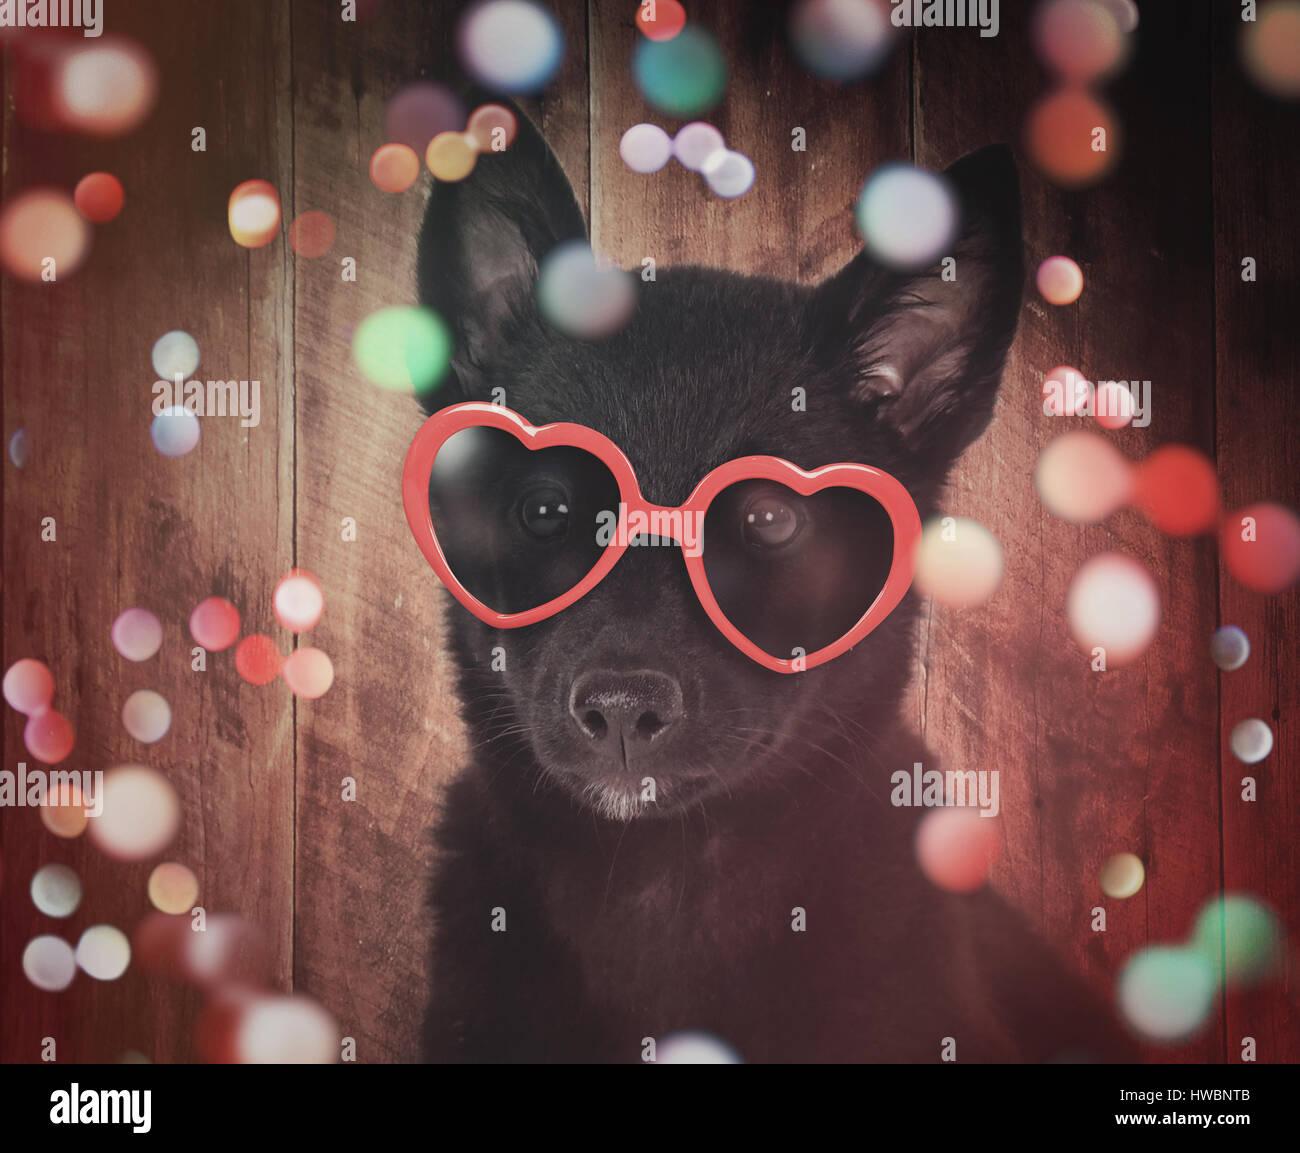 Un mignon petit chien noir avec lunettes coeur rouge est sur un fond de bois coloré avec sparkles autour de l'animal pour une fête ou célébration concept. Banque D'Images